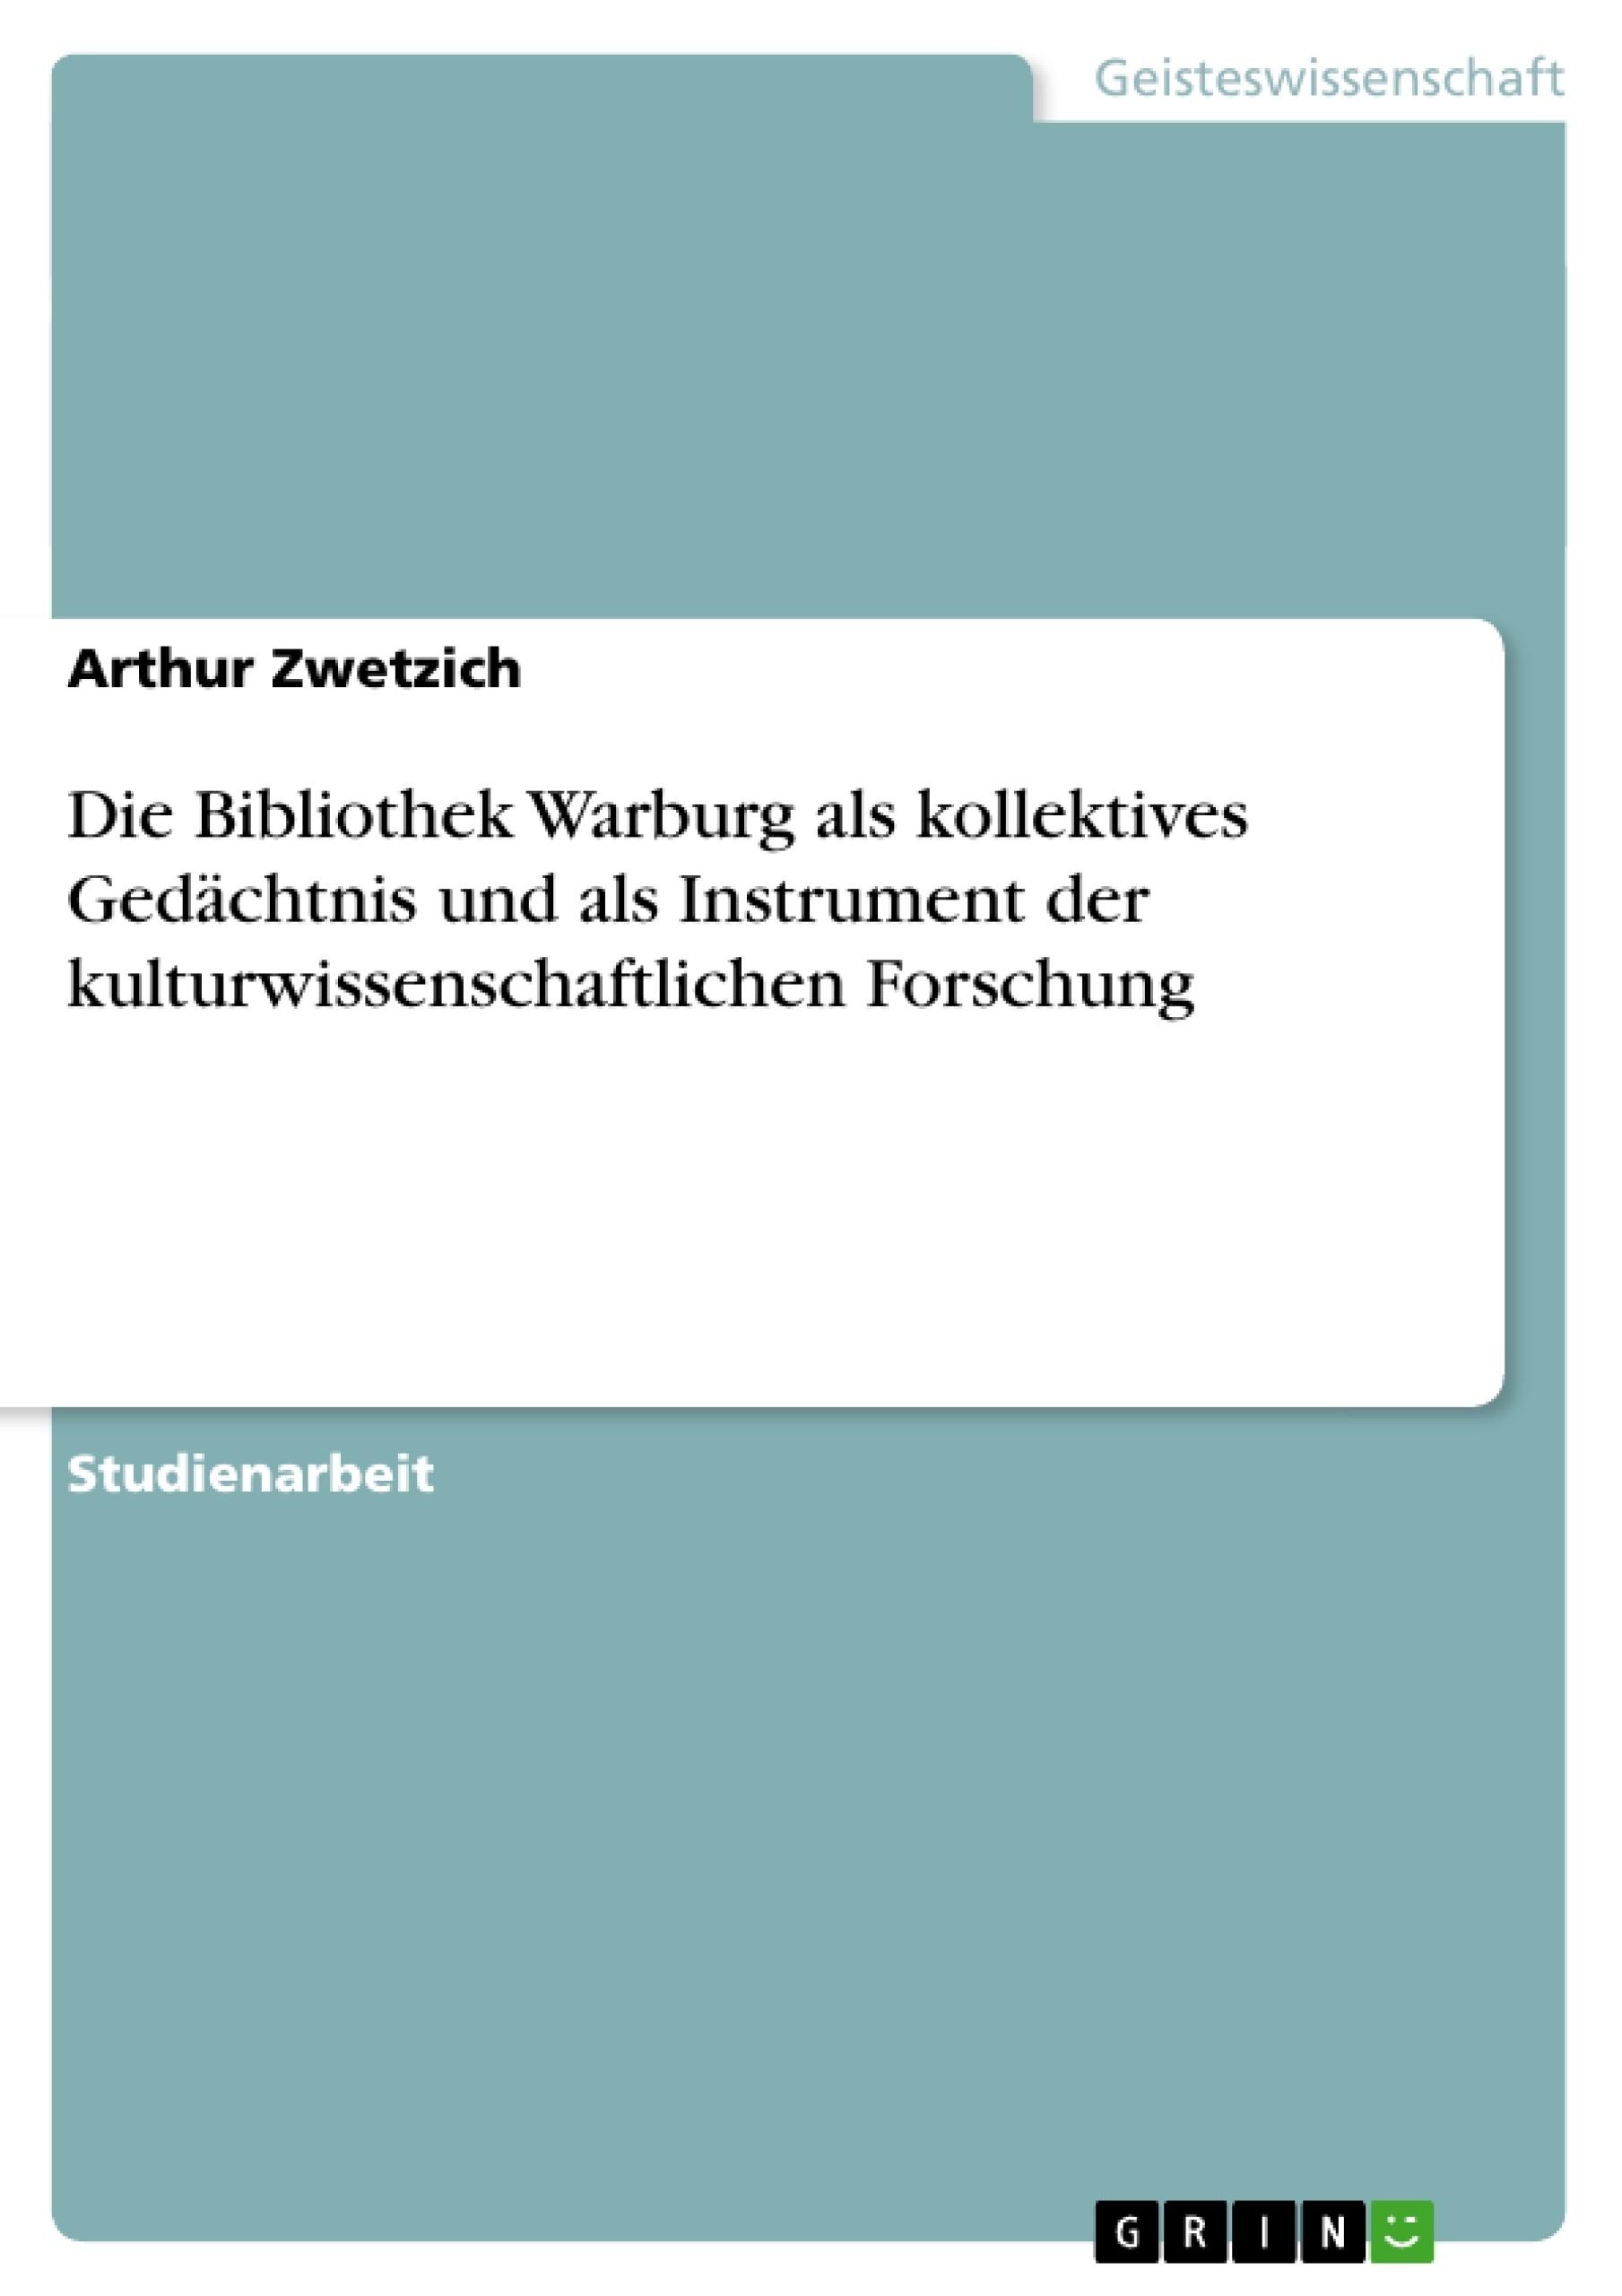 Titel: Die Bibliothek Warburg als kollektives Gedächtnis und als Instrument der kulturwissenschaftlichen Forschung